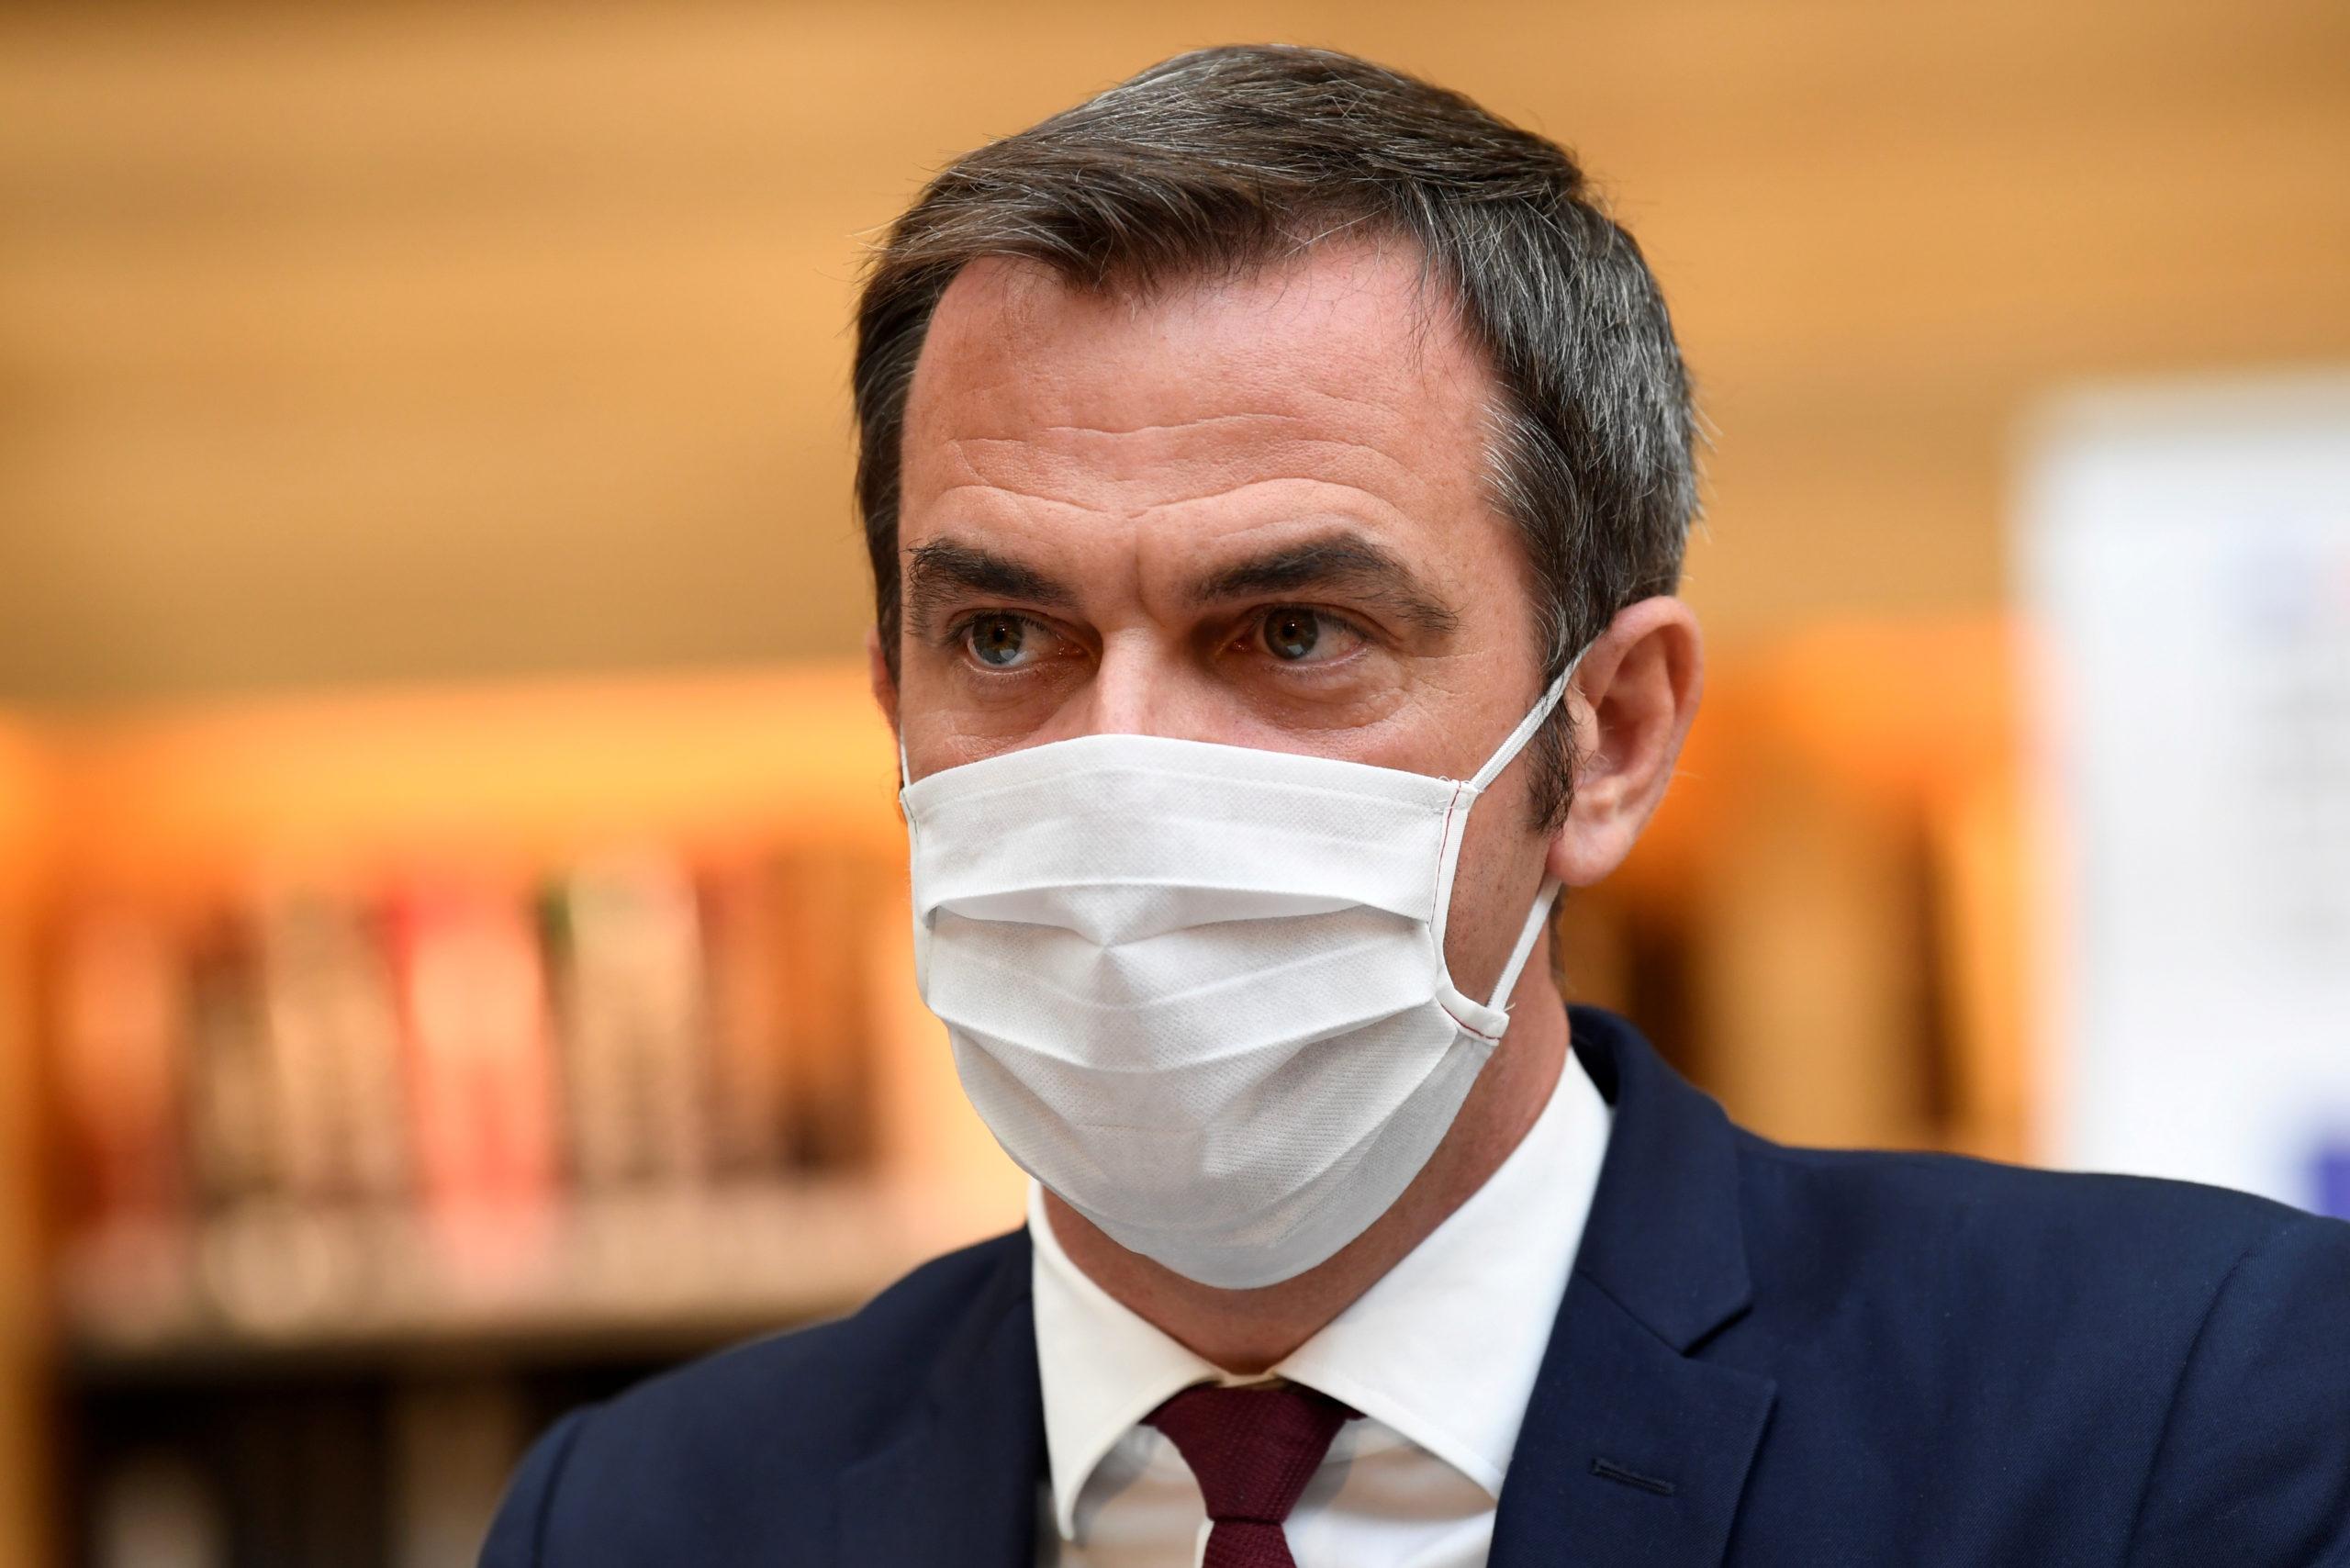 Coronavirus: La France doit rester en alerte, avertit Véran